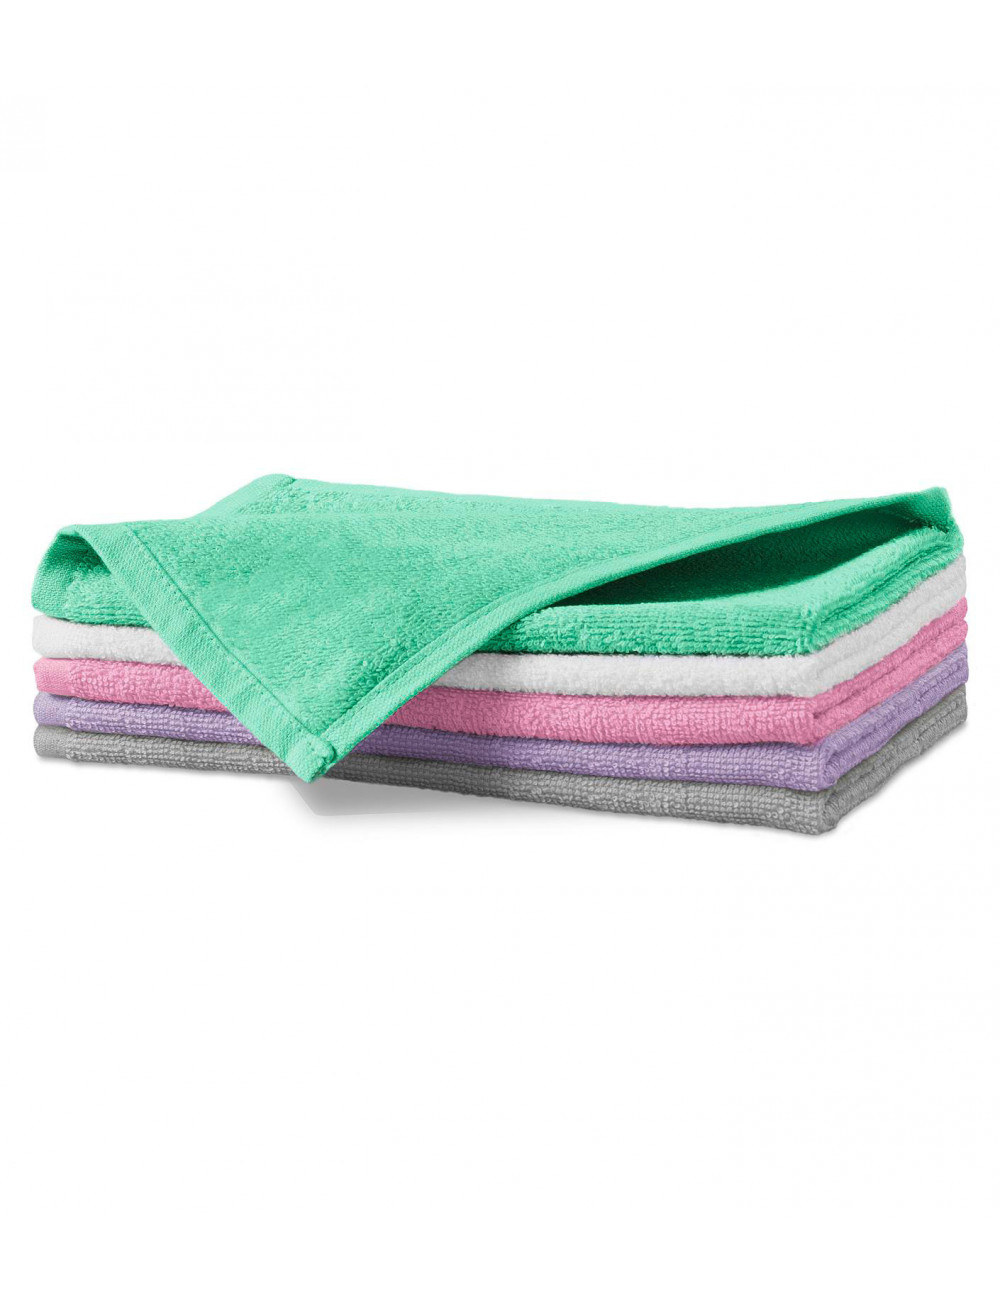 Adler MALFINI Ręcznik mały unisex Terry Hand Towel 907 lawendowy